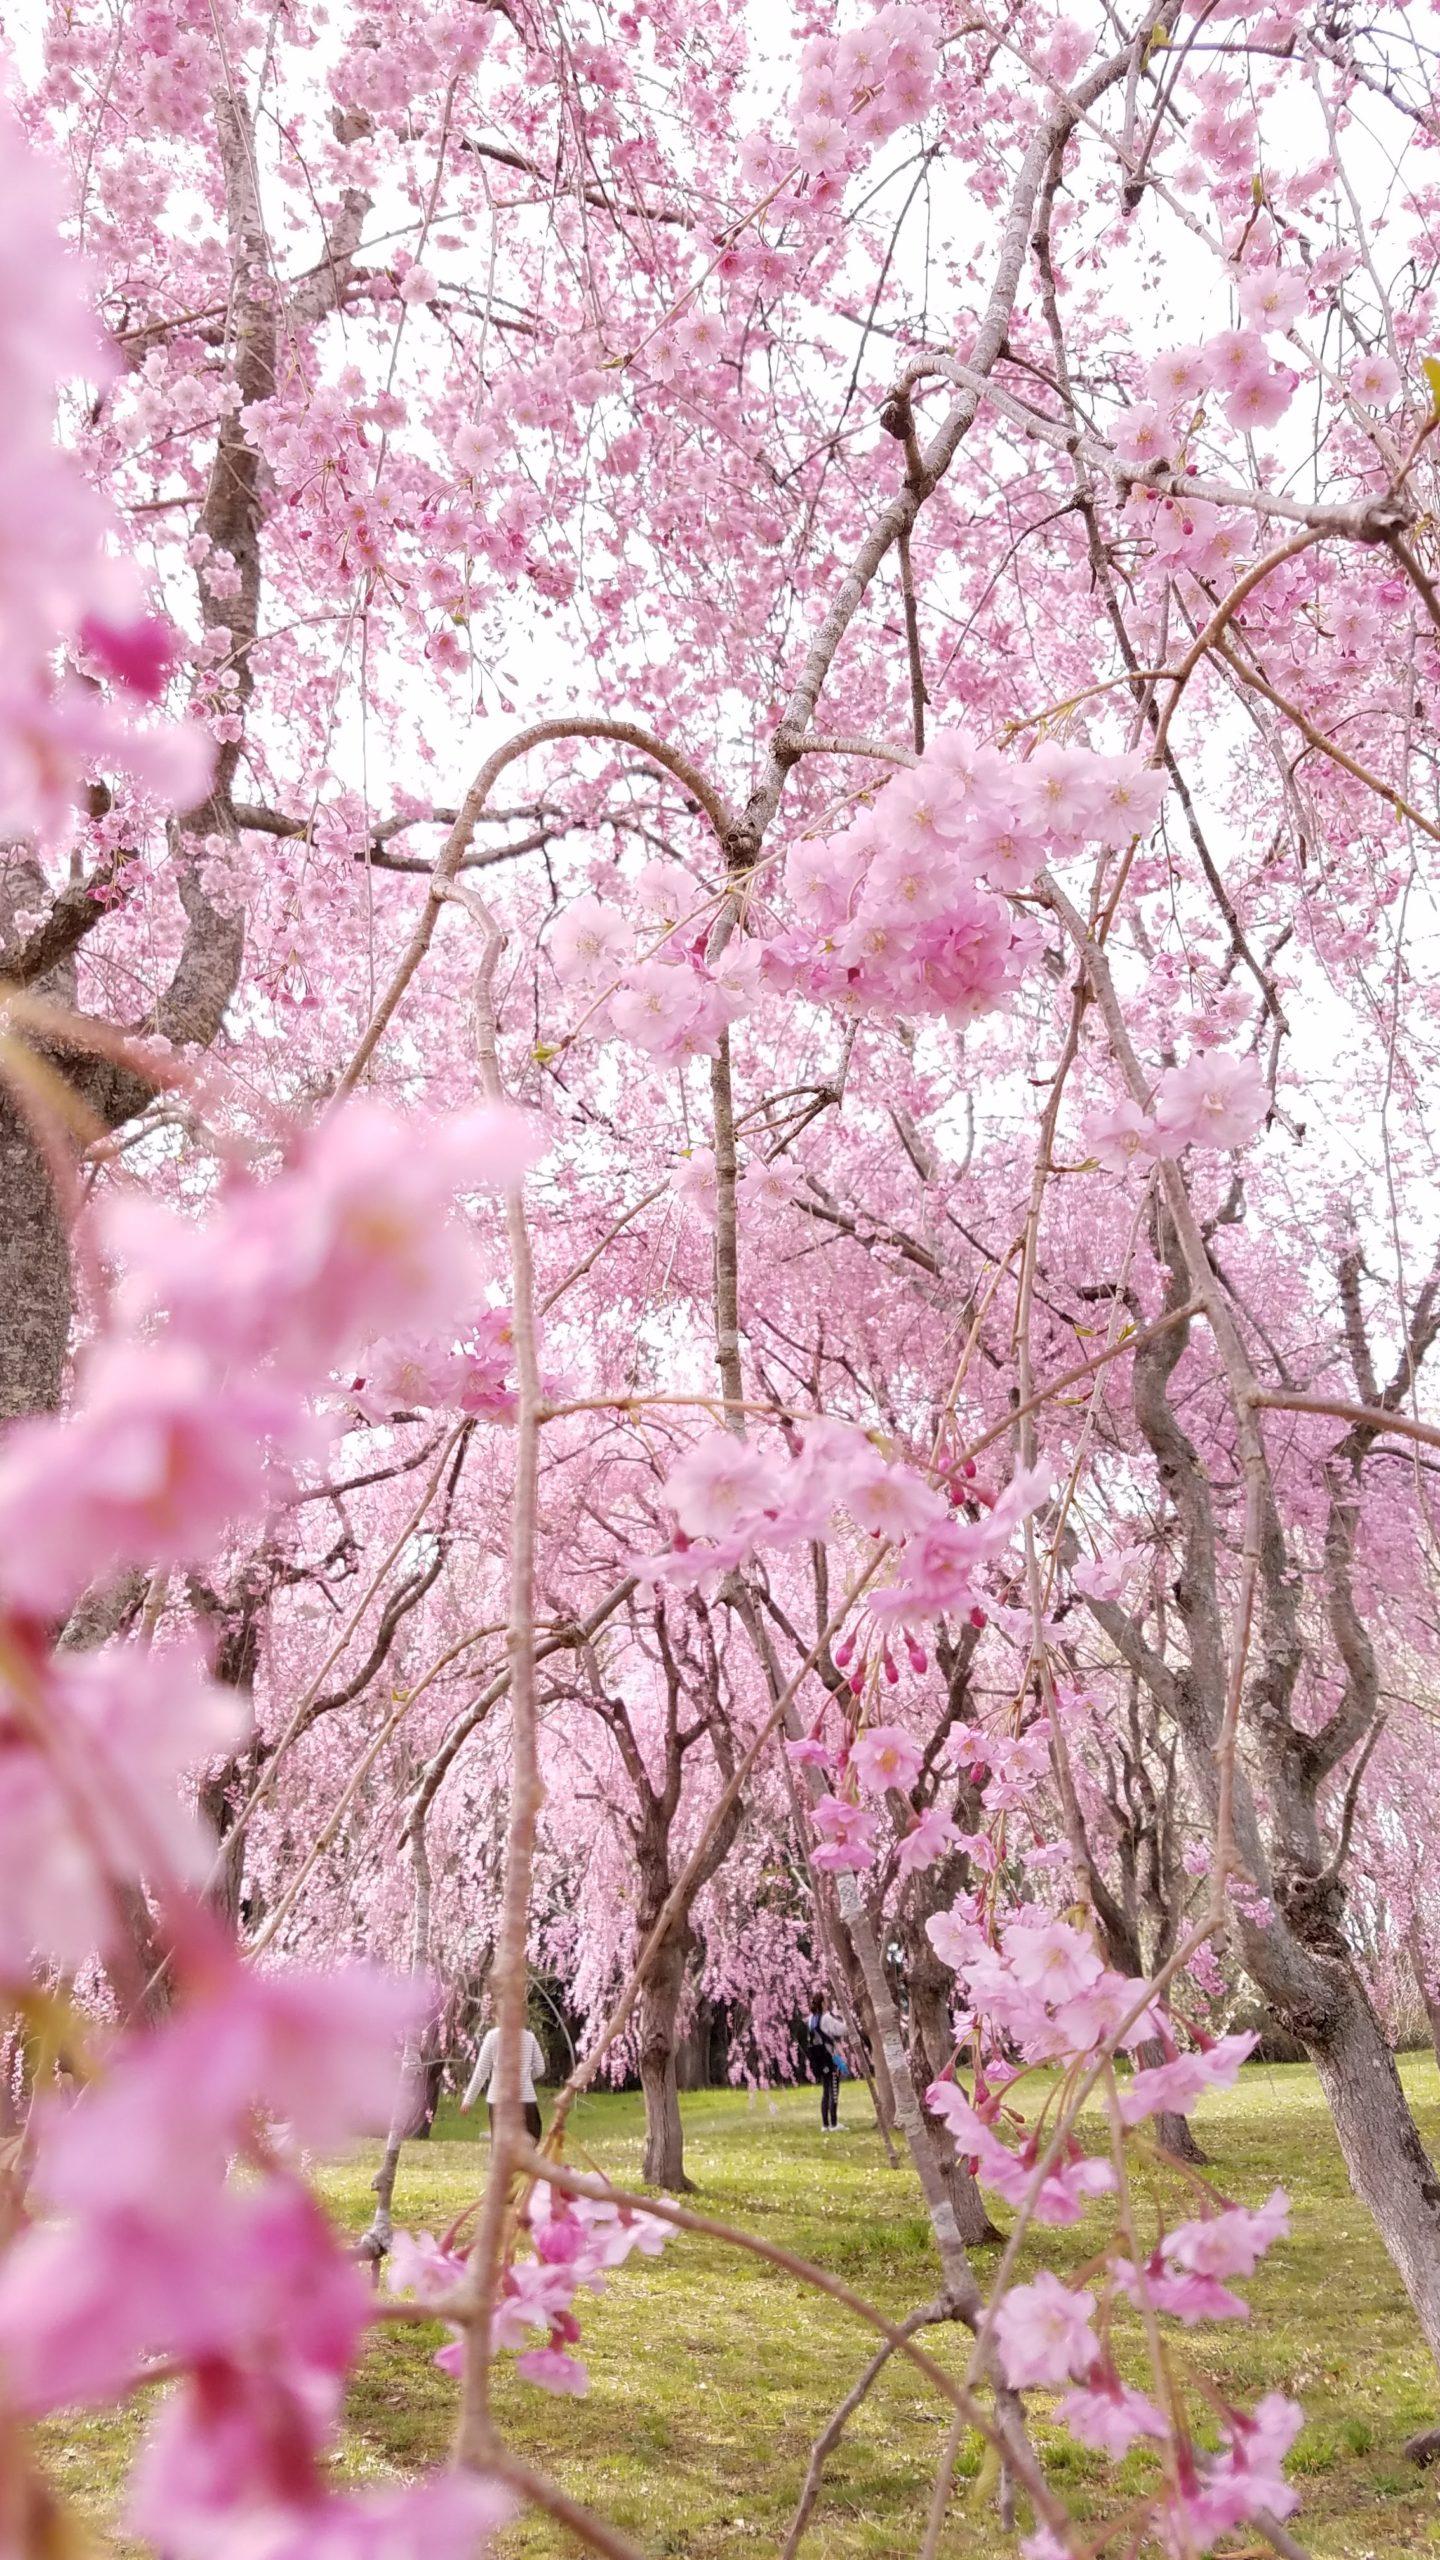 【アーカイブURLあり】【オンライン】森林セラピストとヨガ講師の野山遊び「桜」*4月17日(土)10:00~11:00